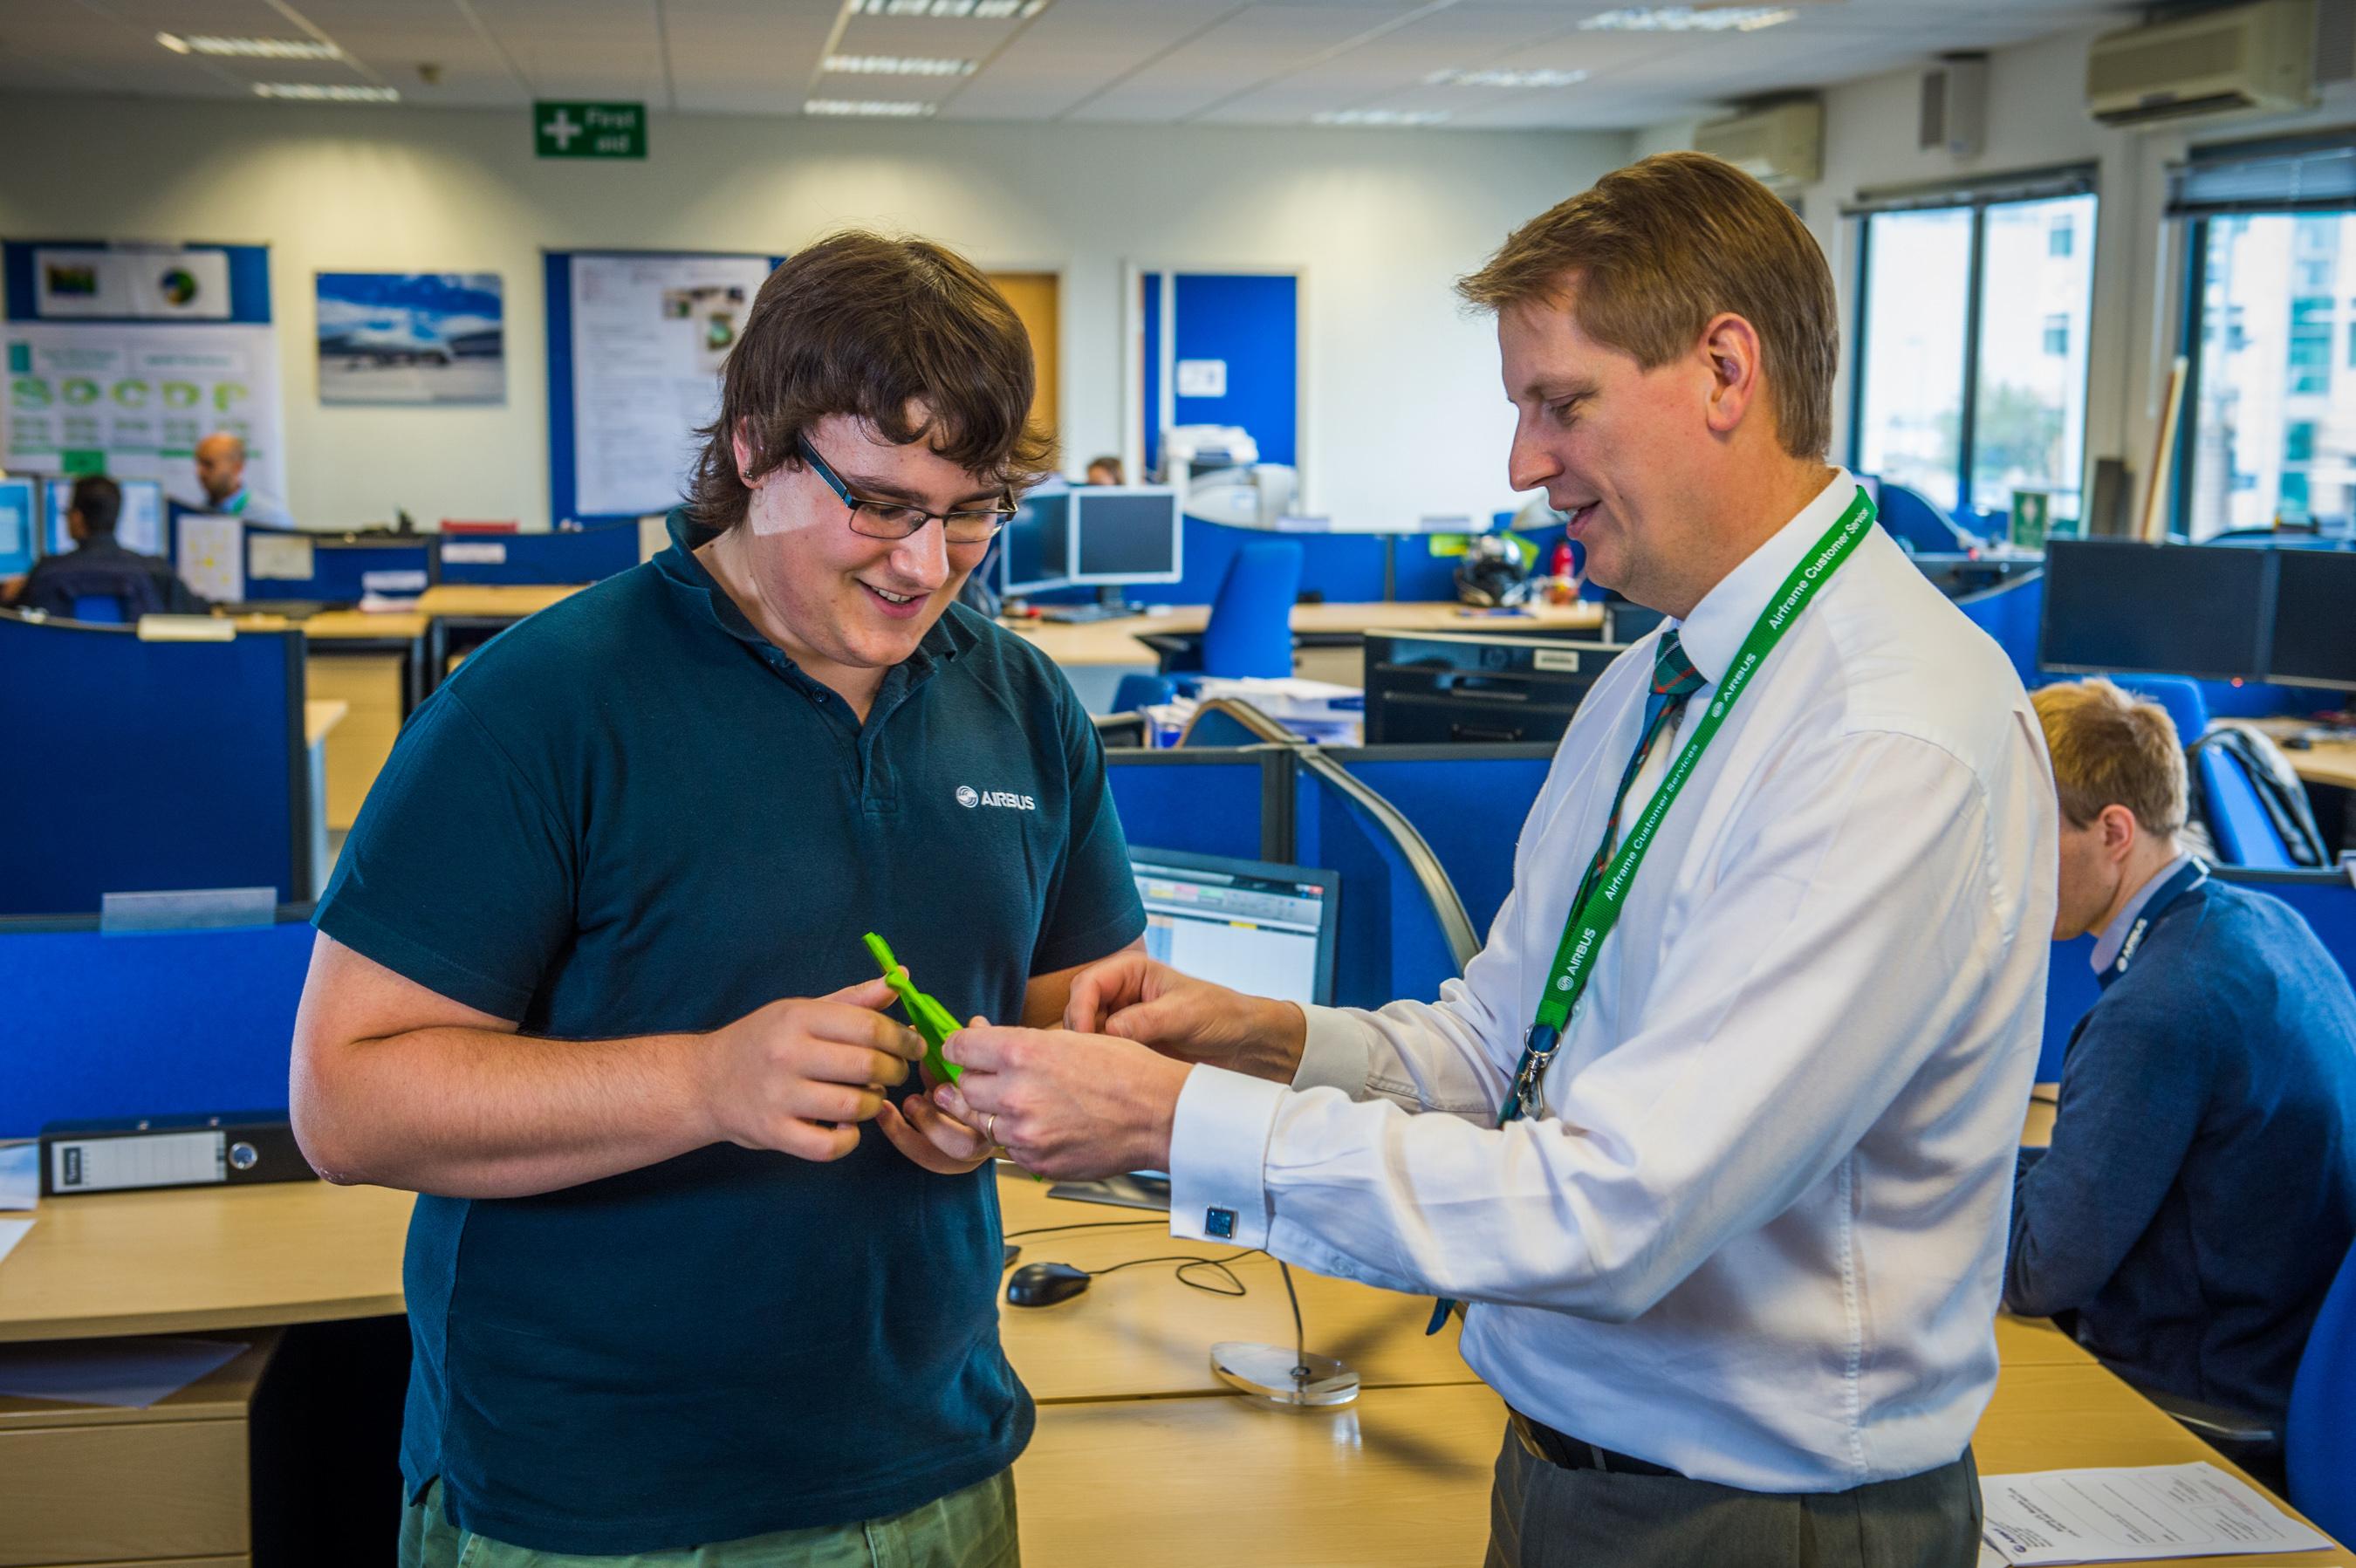 Airbus apprenticeship director Mark Stewart